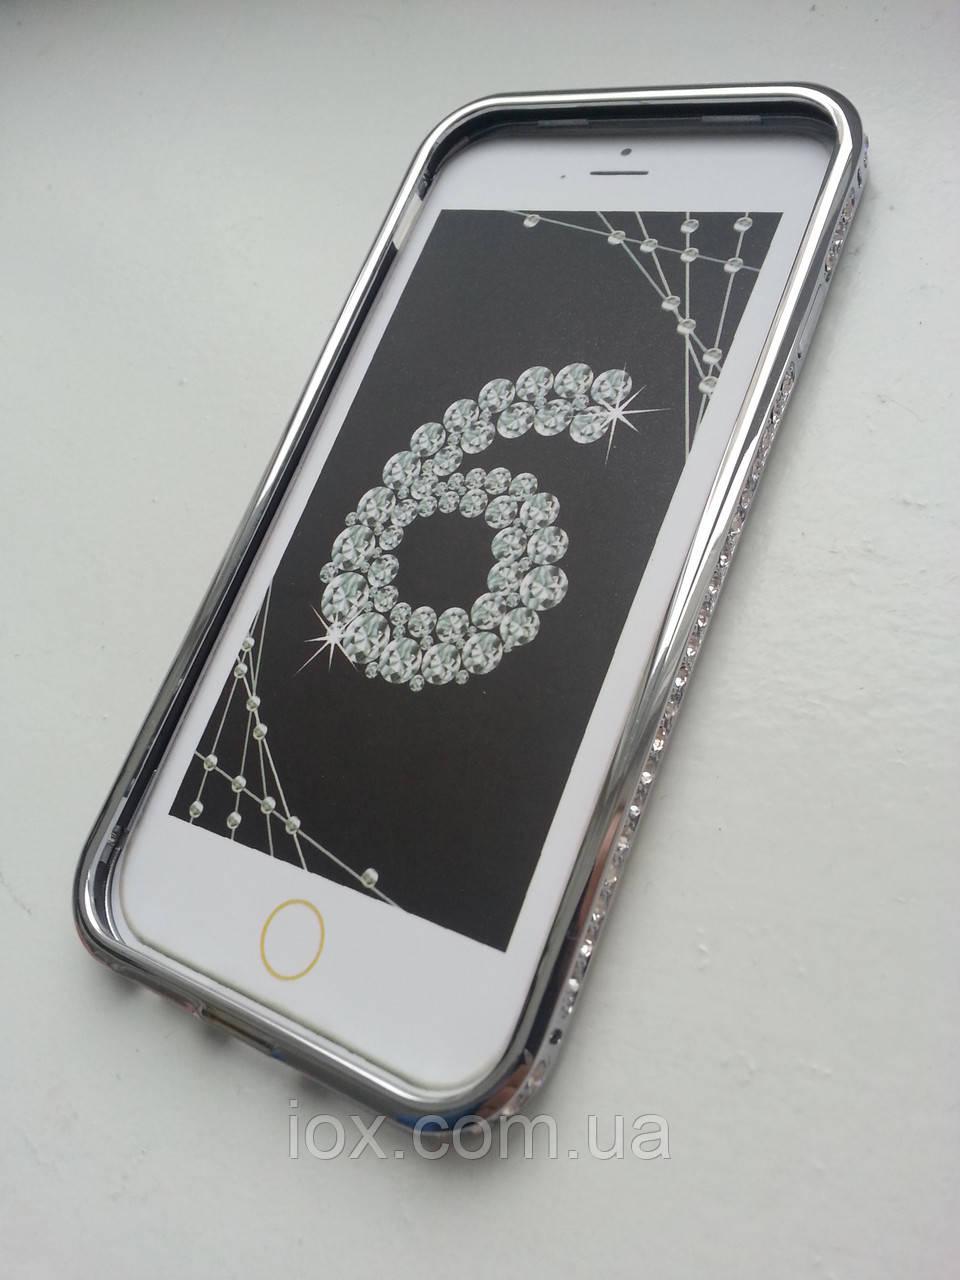 Серебряный бампер для Iphone 6 с камнями Сваровски